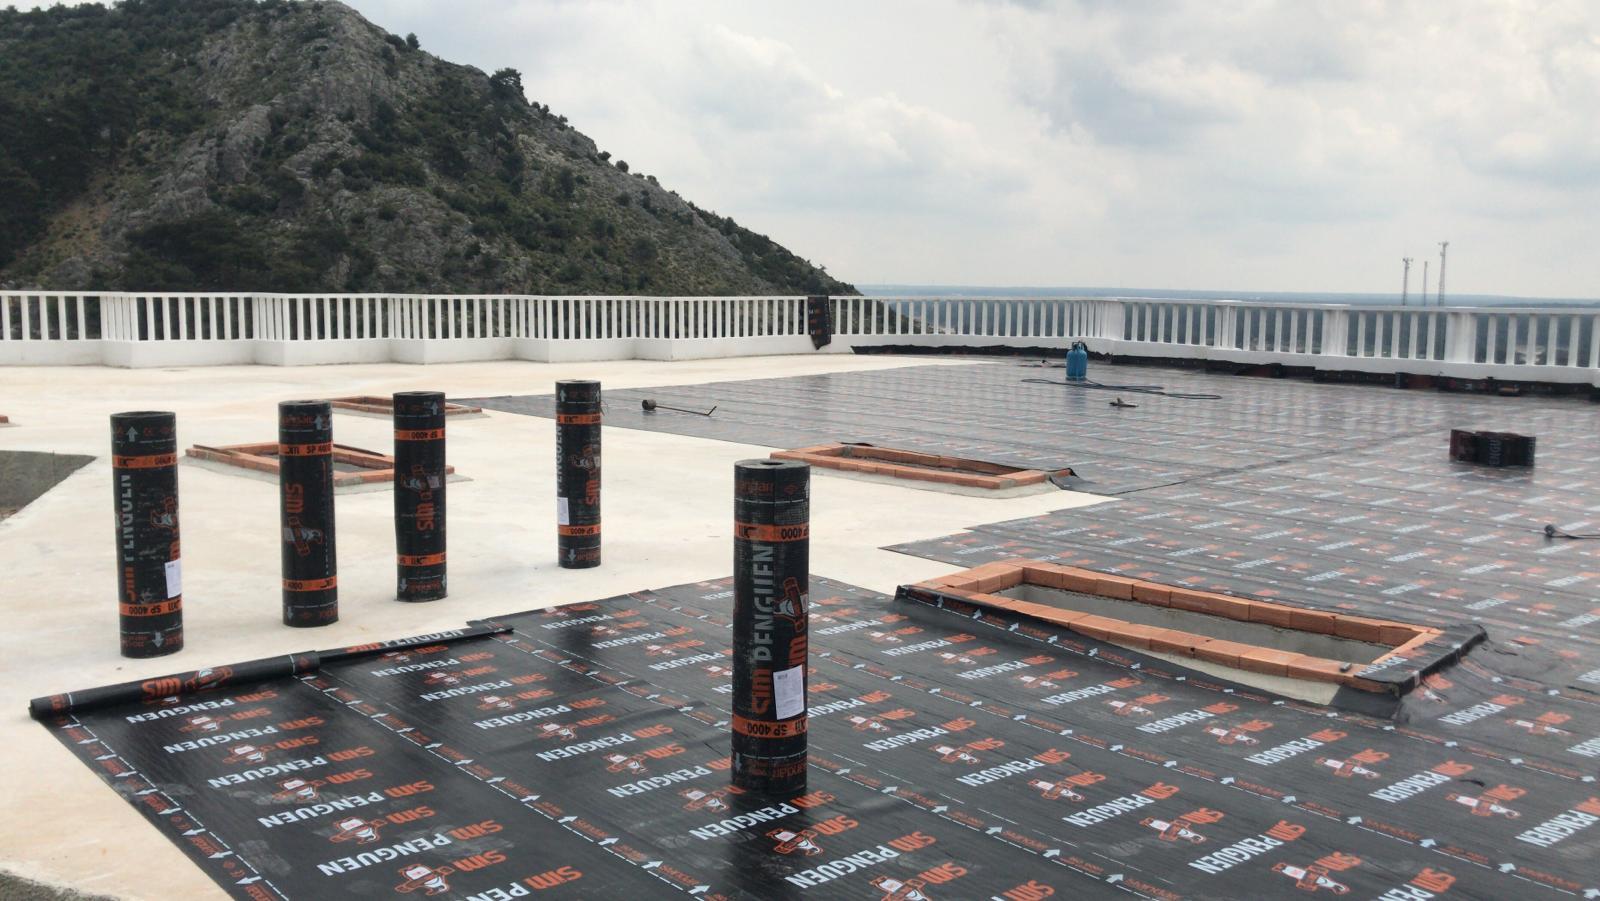 ARSUCAN İzolasyon-Antalya Döşemealtı Restoran Çatı Yalıtımı- SİM Penguen